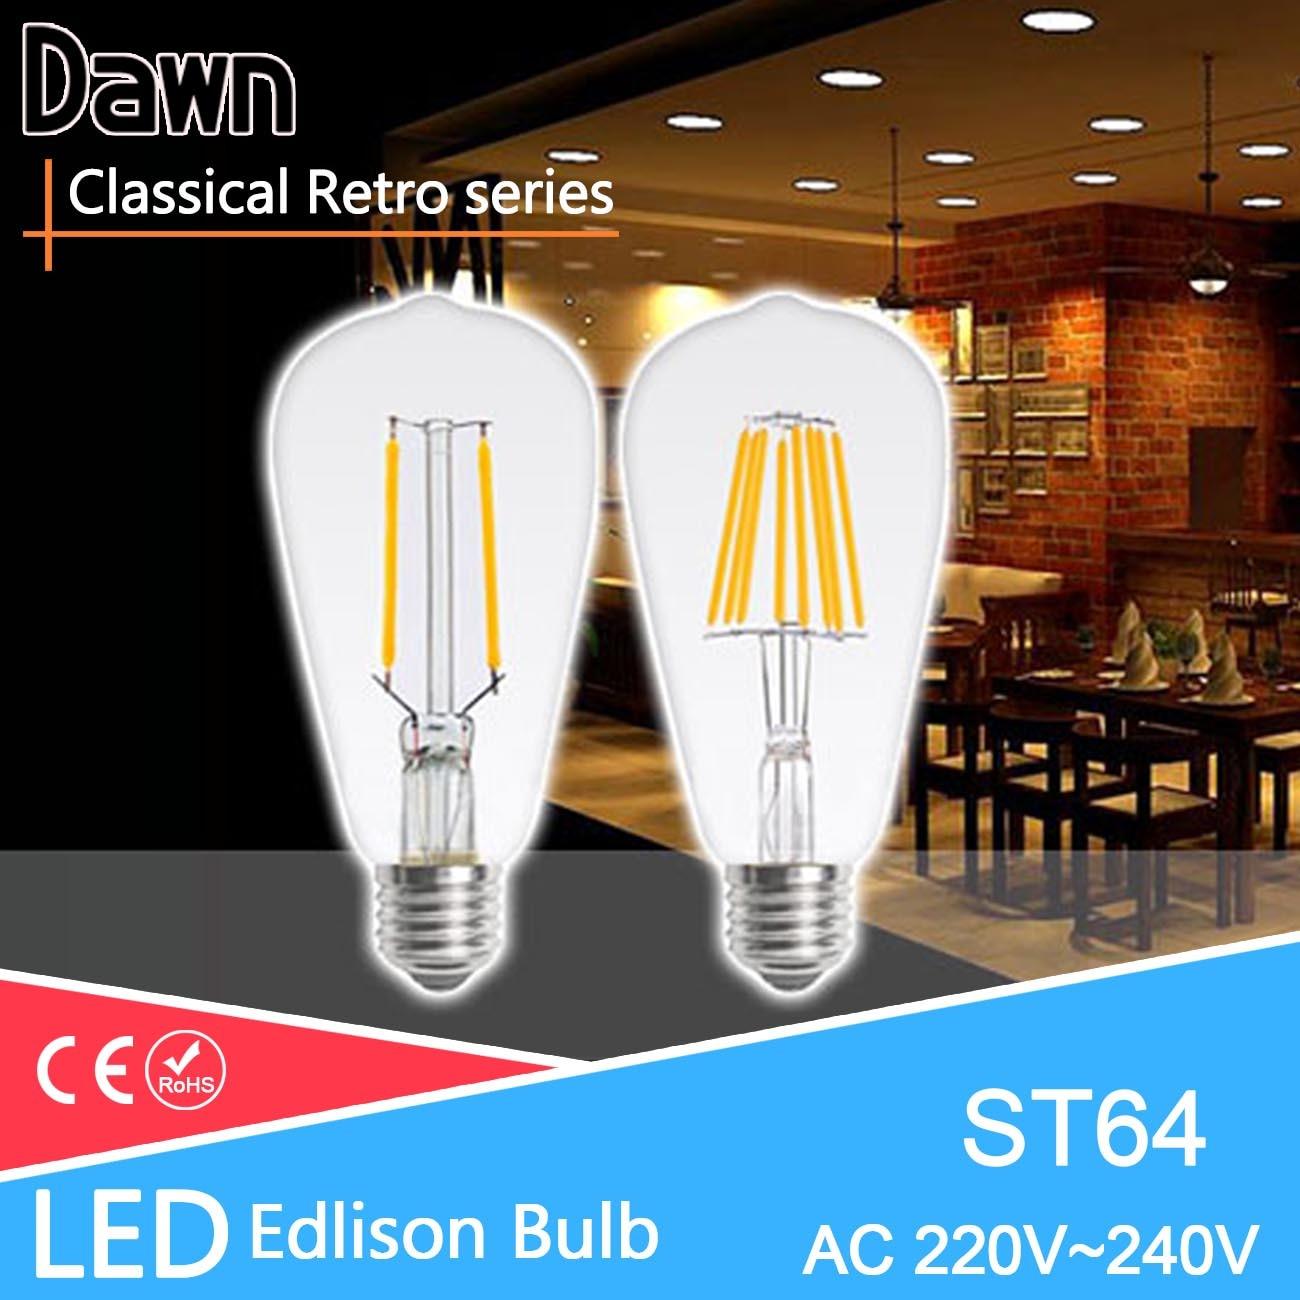 Vintage edison bulb old fashioned lamp classic a60 led 2w or 4w - Classical Vintage Glass Led Edison Bulb Lamp St64 T45 E27 220v Retro Tungsten Filament Bulbs Pendant Filament Lampards 8w 12w